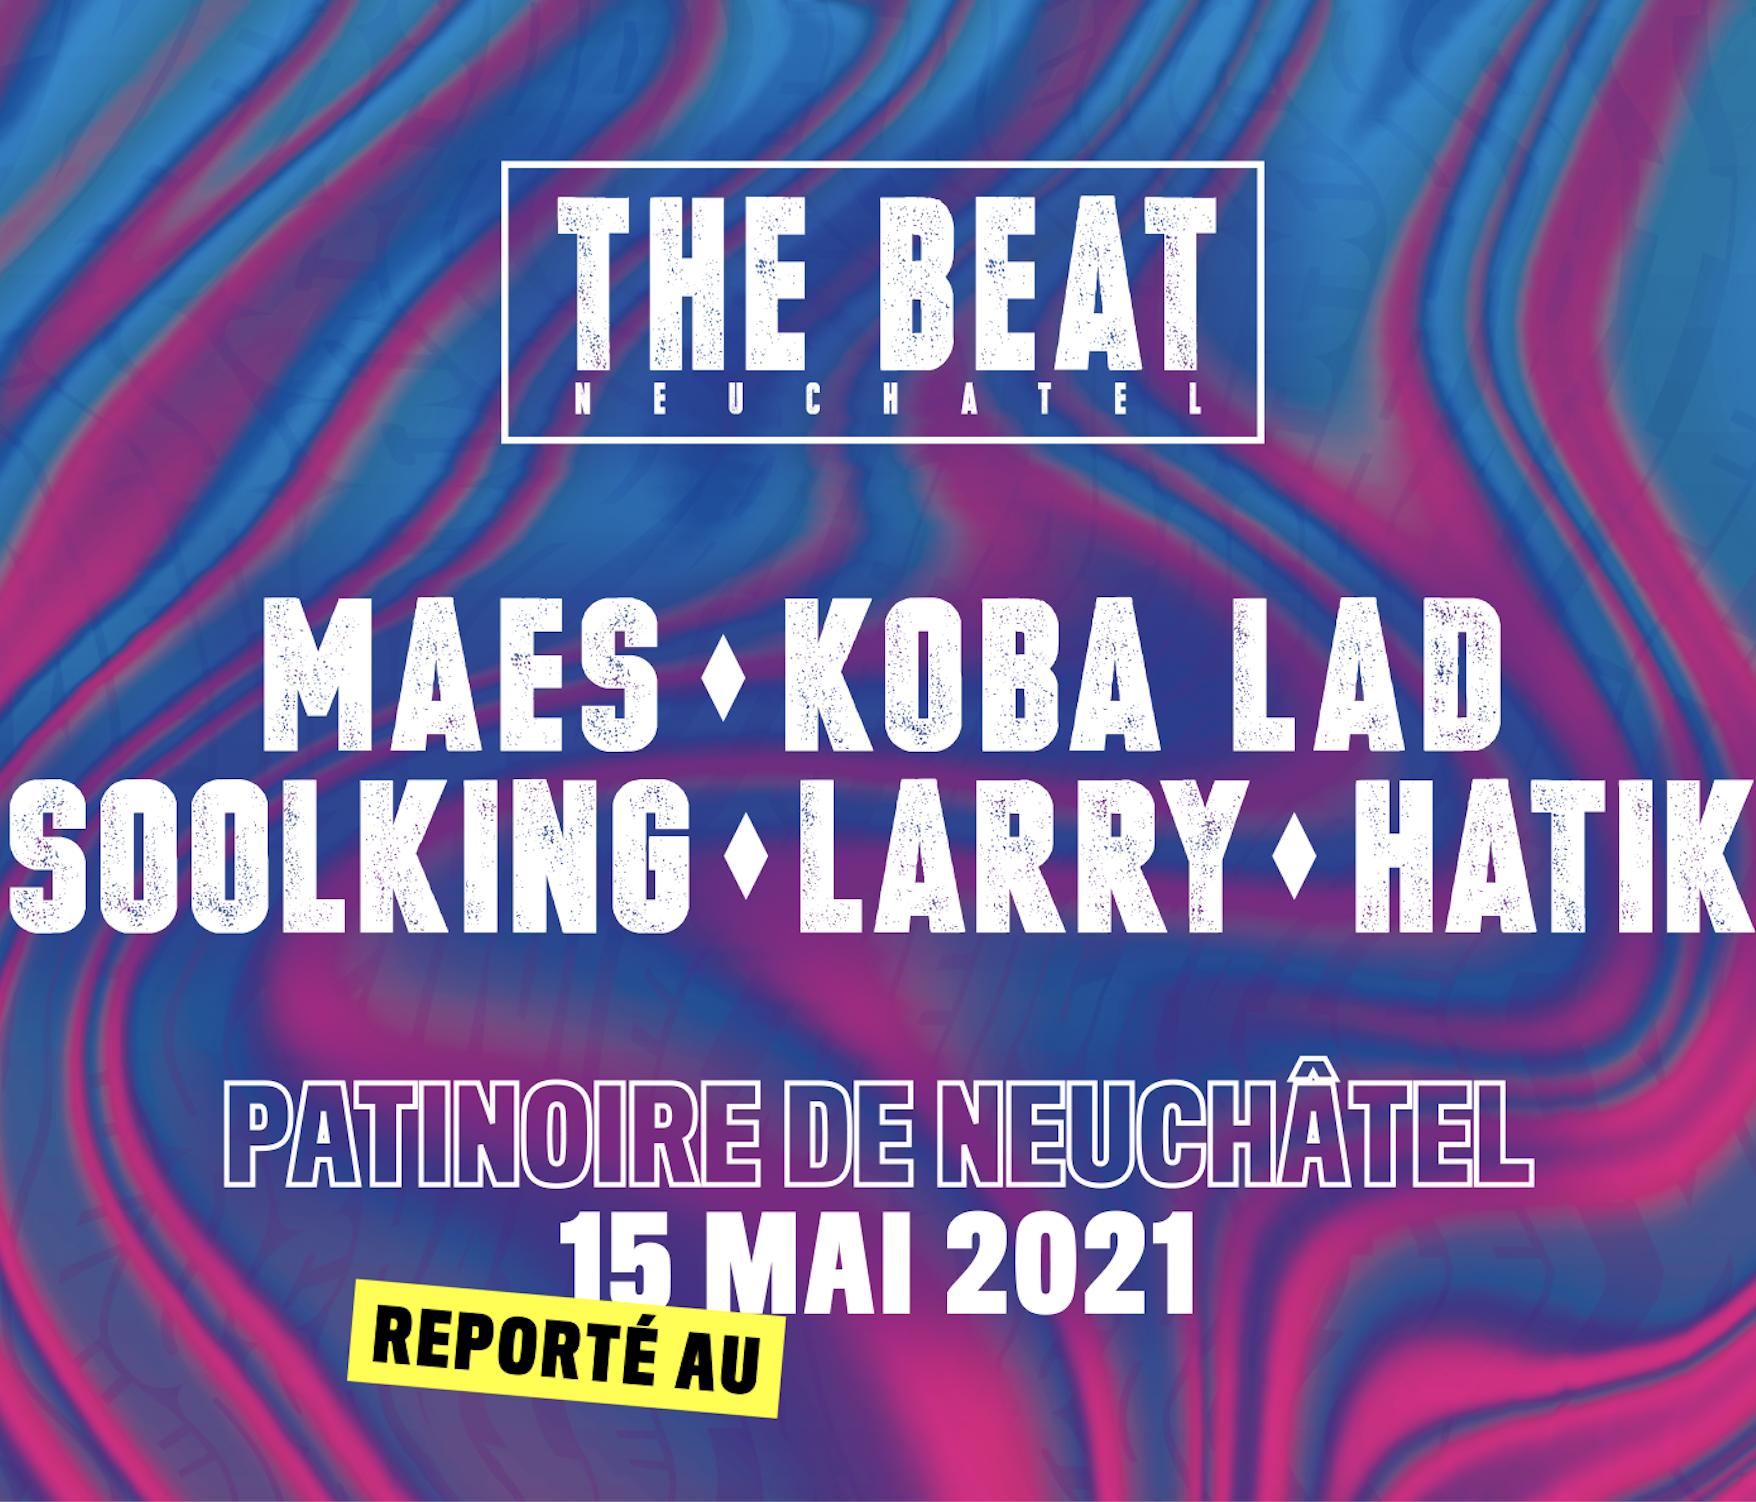 The Beat Neuchâtel @ Neuchâtel